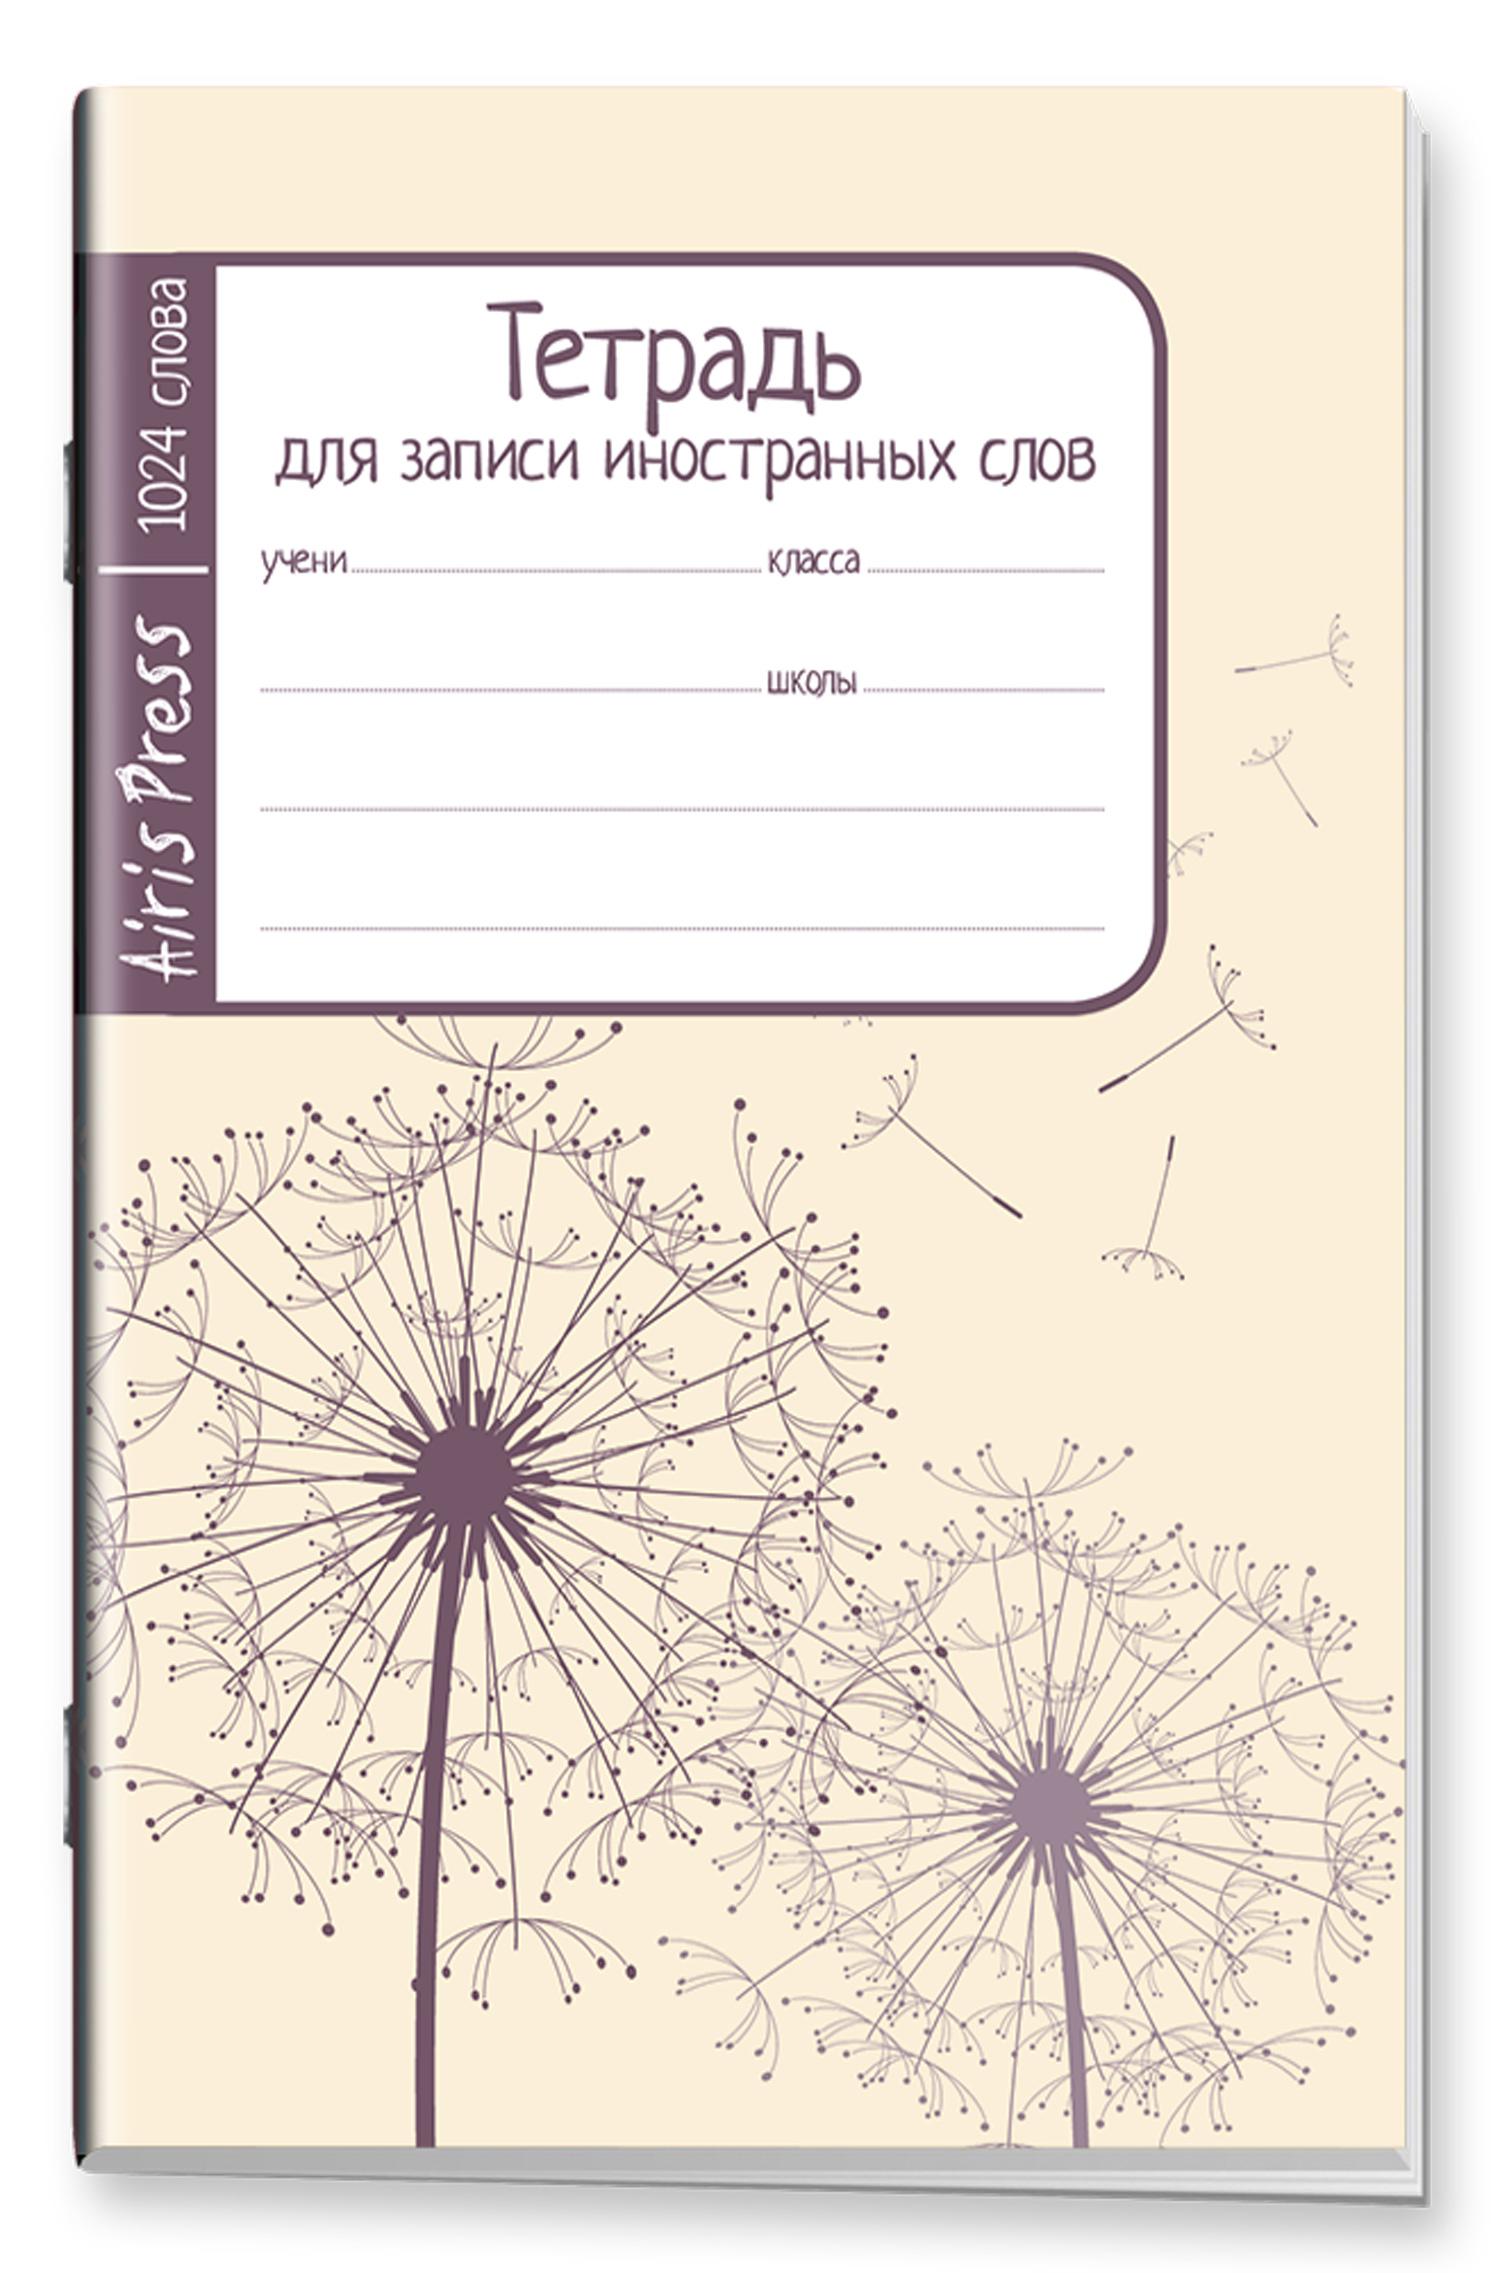 Тетрадь школьная для записи иностранных слов (Одуванчики)